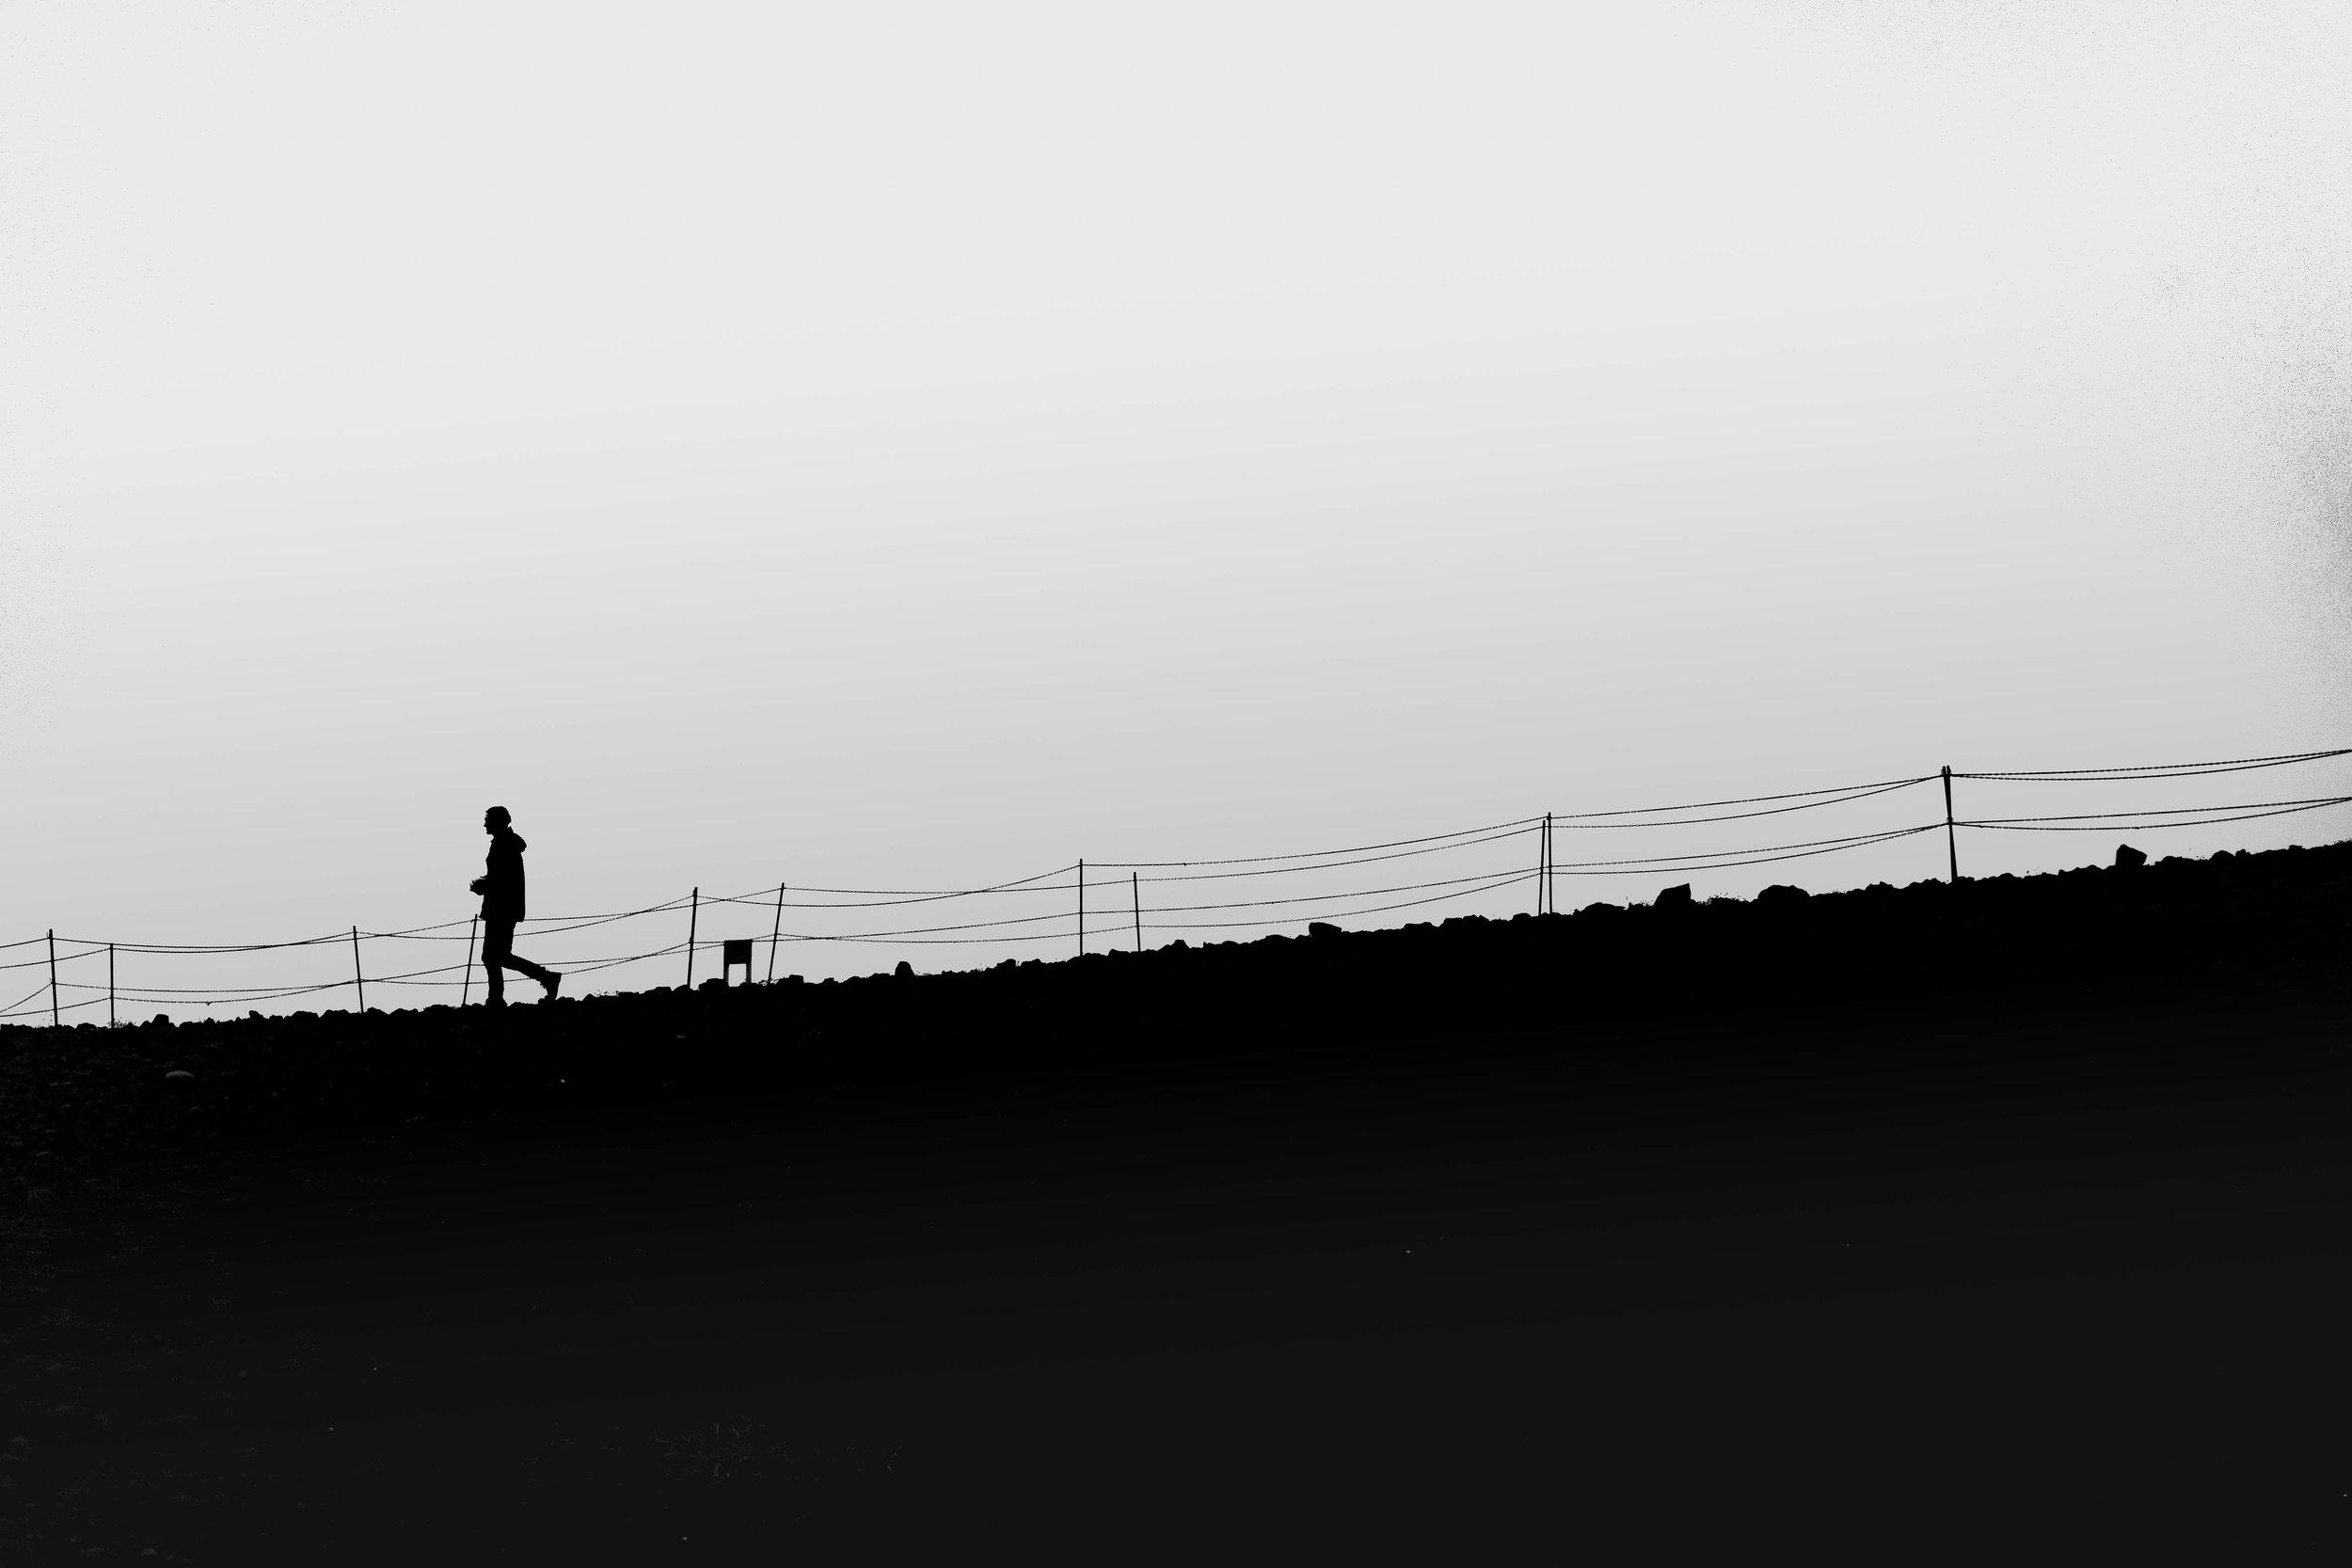 Iceland - 00885 - Chris Goetchius 2017.jpg